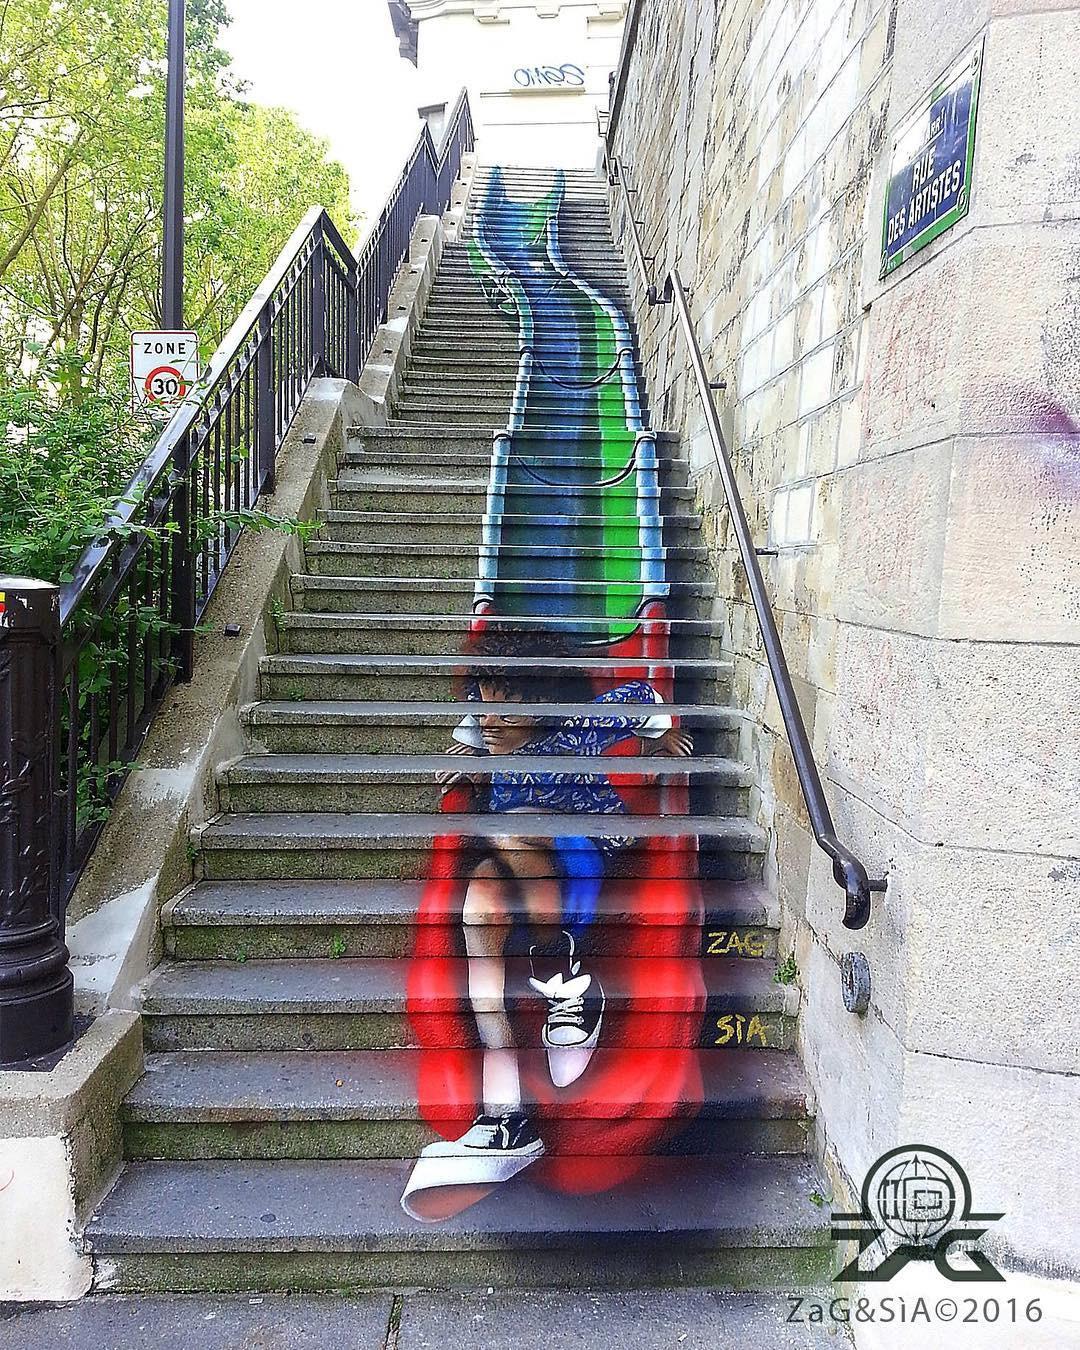 Khi những bức tường nhàm chán được thổi hồn bằng tranh vẽ, ai đi qua cũng sẽ phải ngoái nhìn - Ảnh 7.